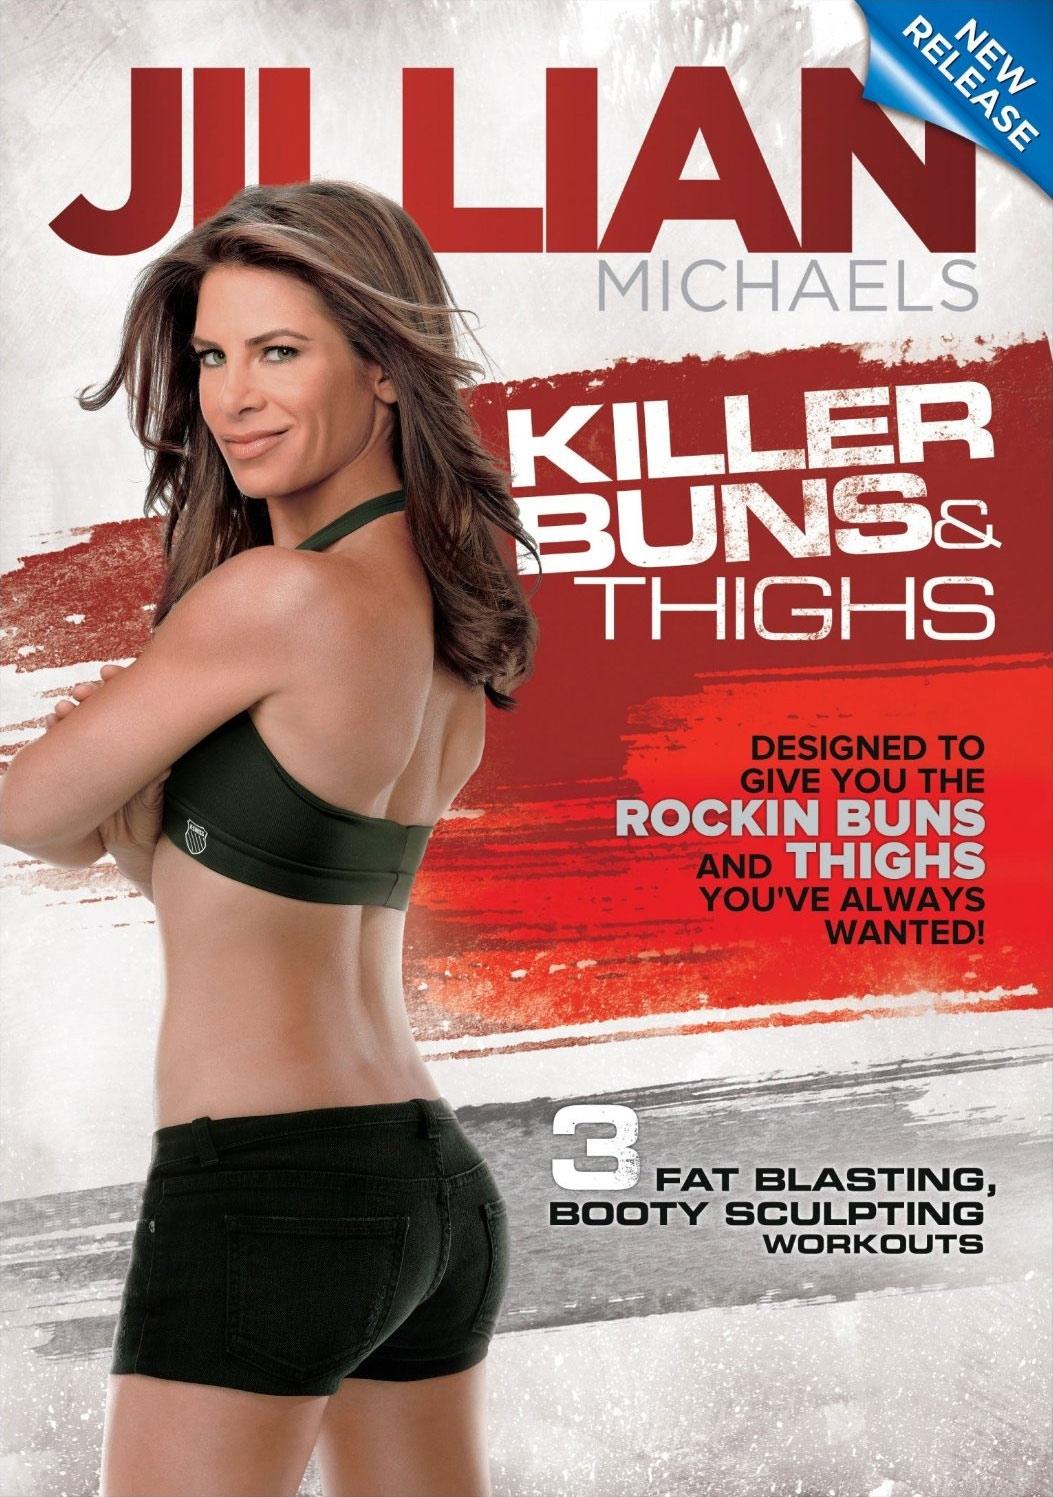 Jillian Michaels Killer Buns & Thighs (DVD)